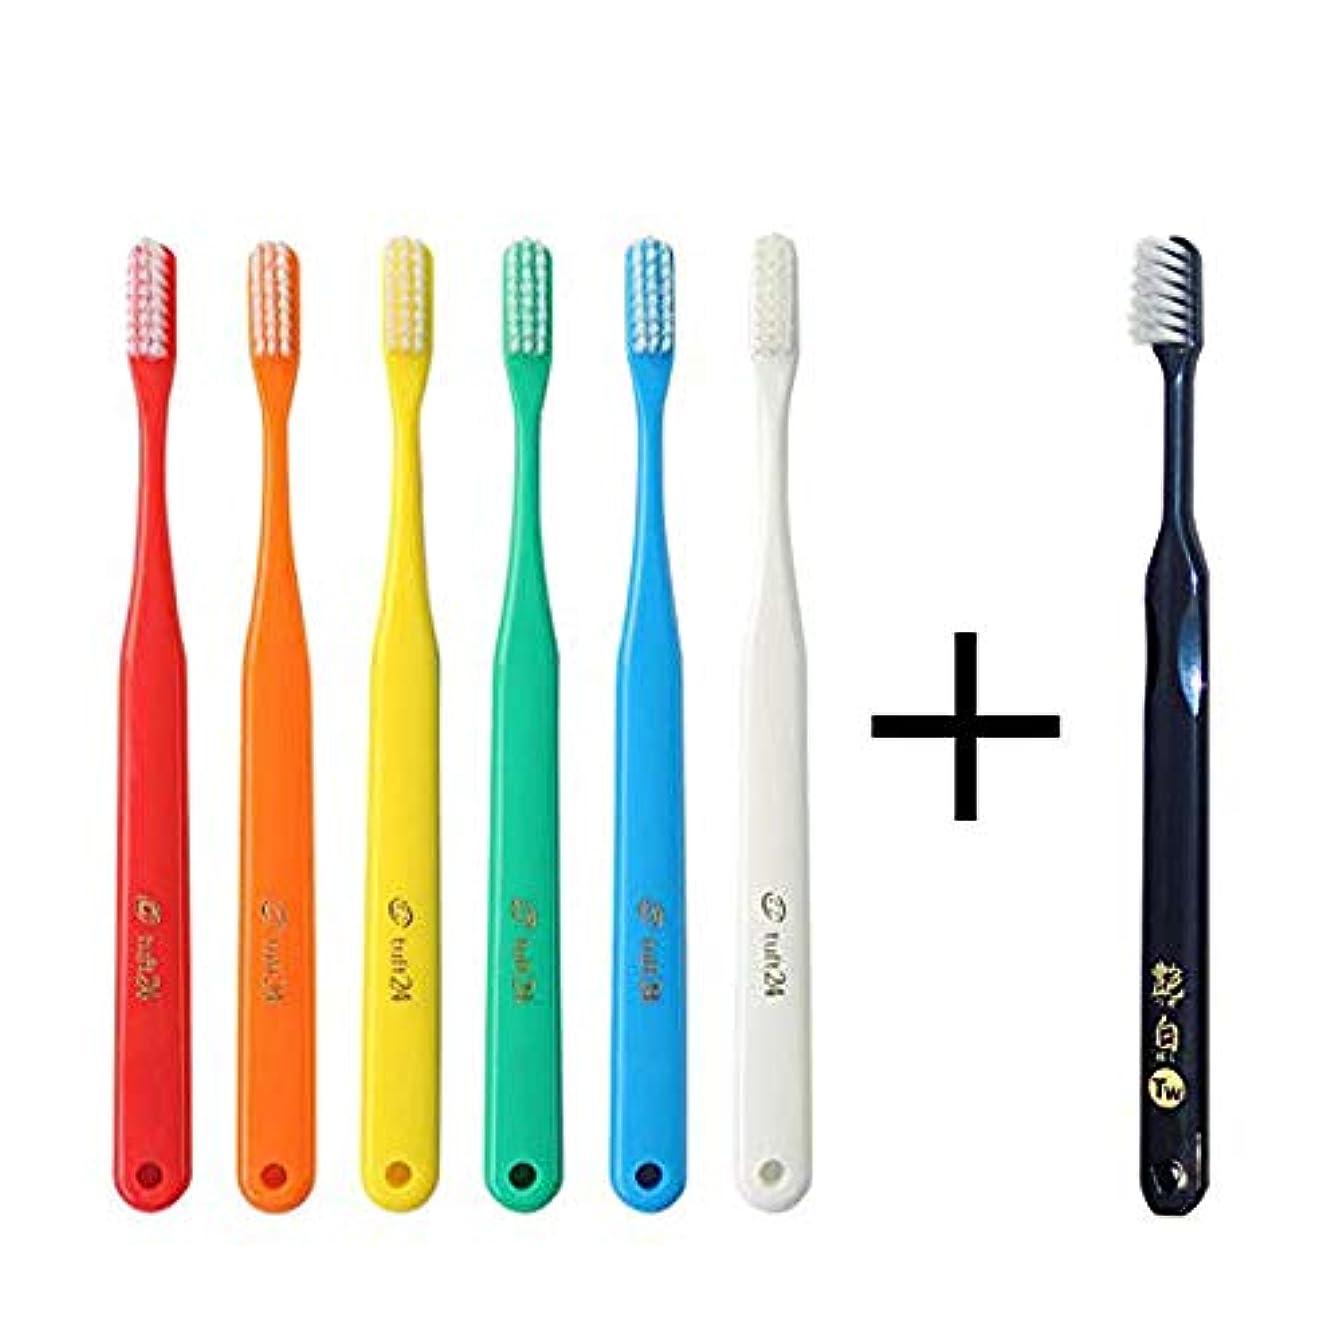 予測おっとイブニングタフト24 歯ブラシ × 10本 (S) キャップなし + 艶白ツイン ハブラシ×1本(S やわらかめ) むし歯予防 歯科専売